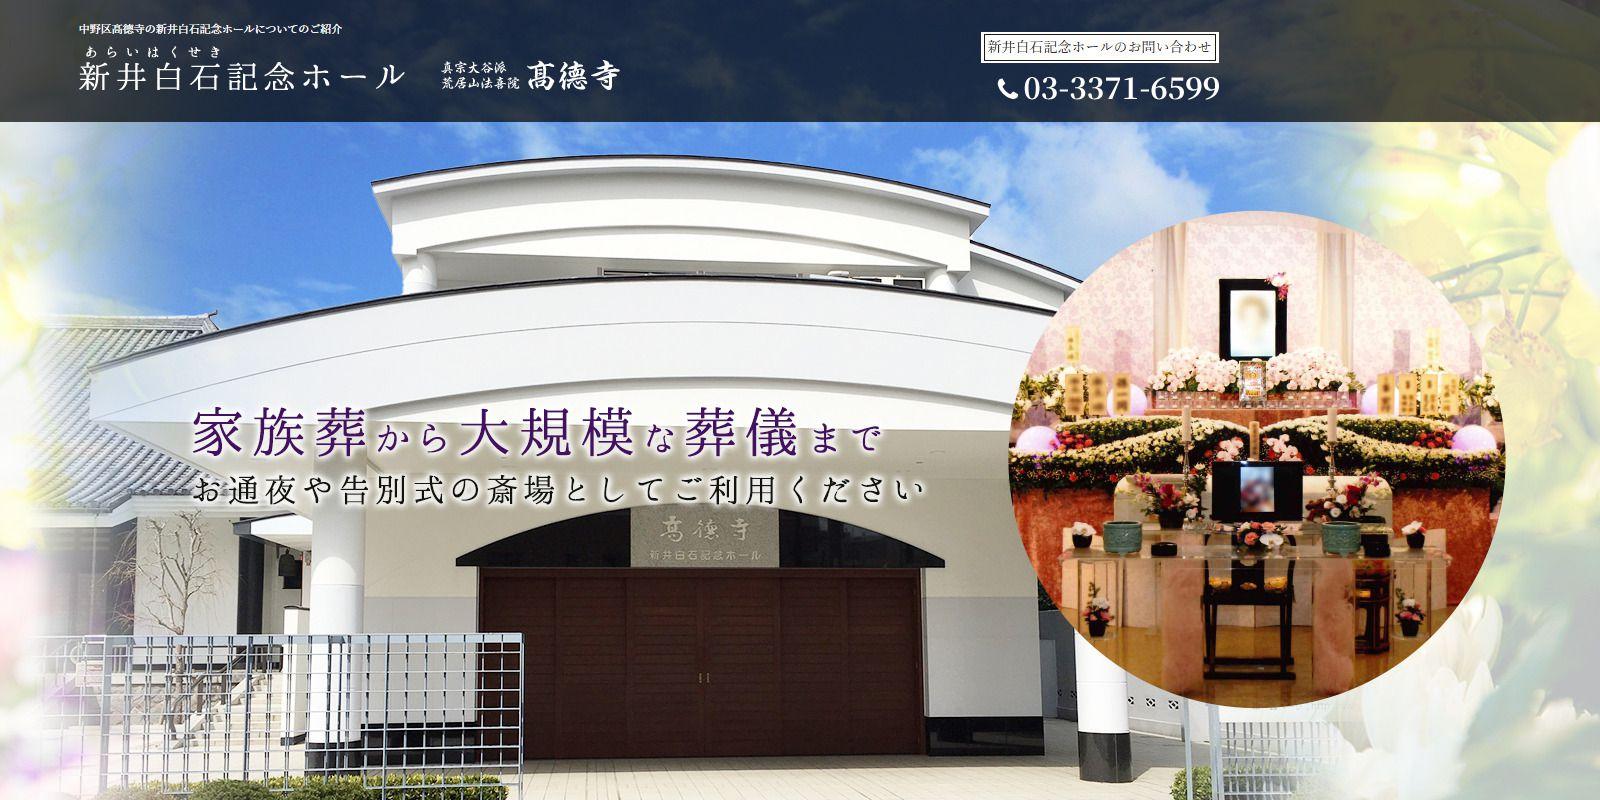 高徳寺新井白石記念ホールの画像